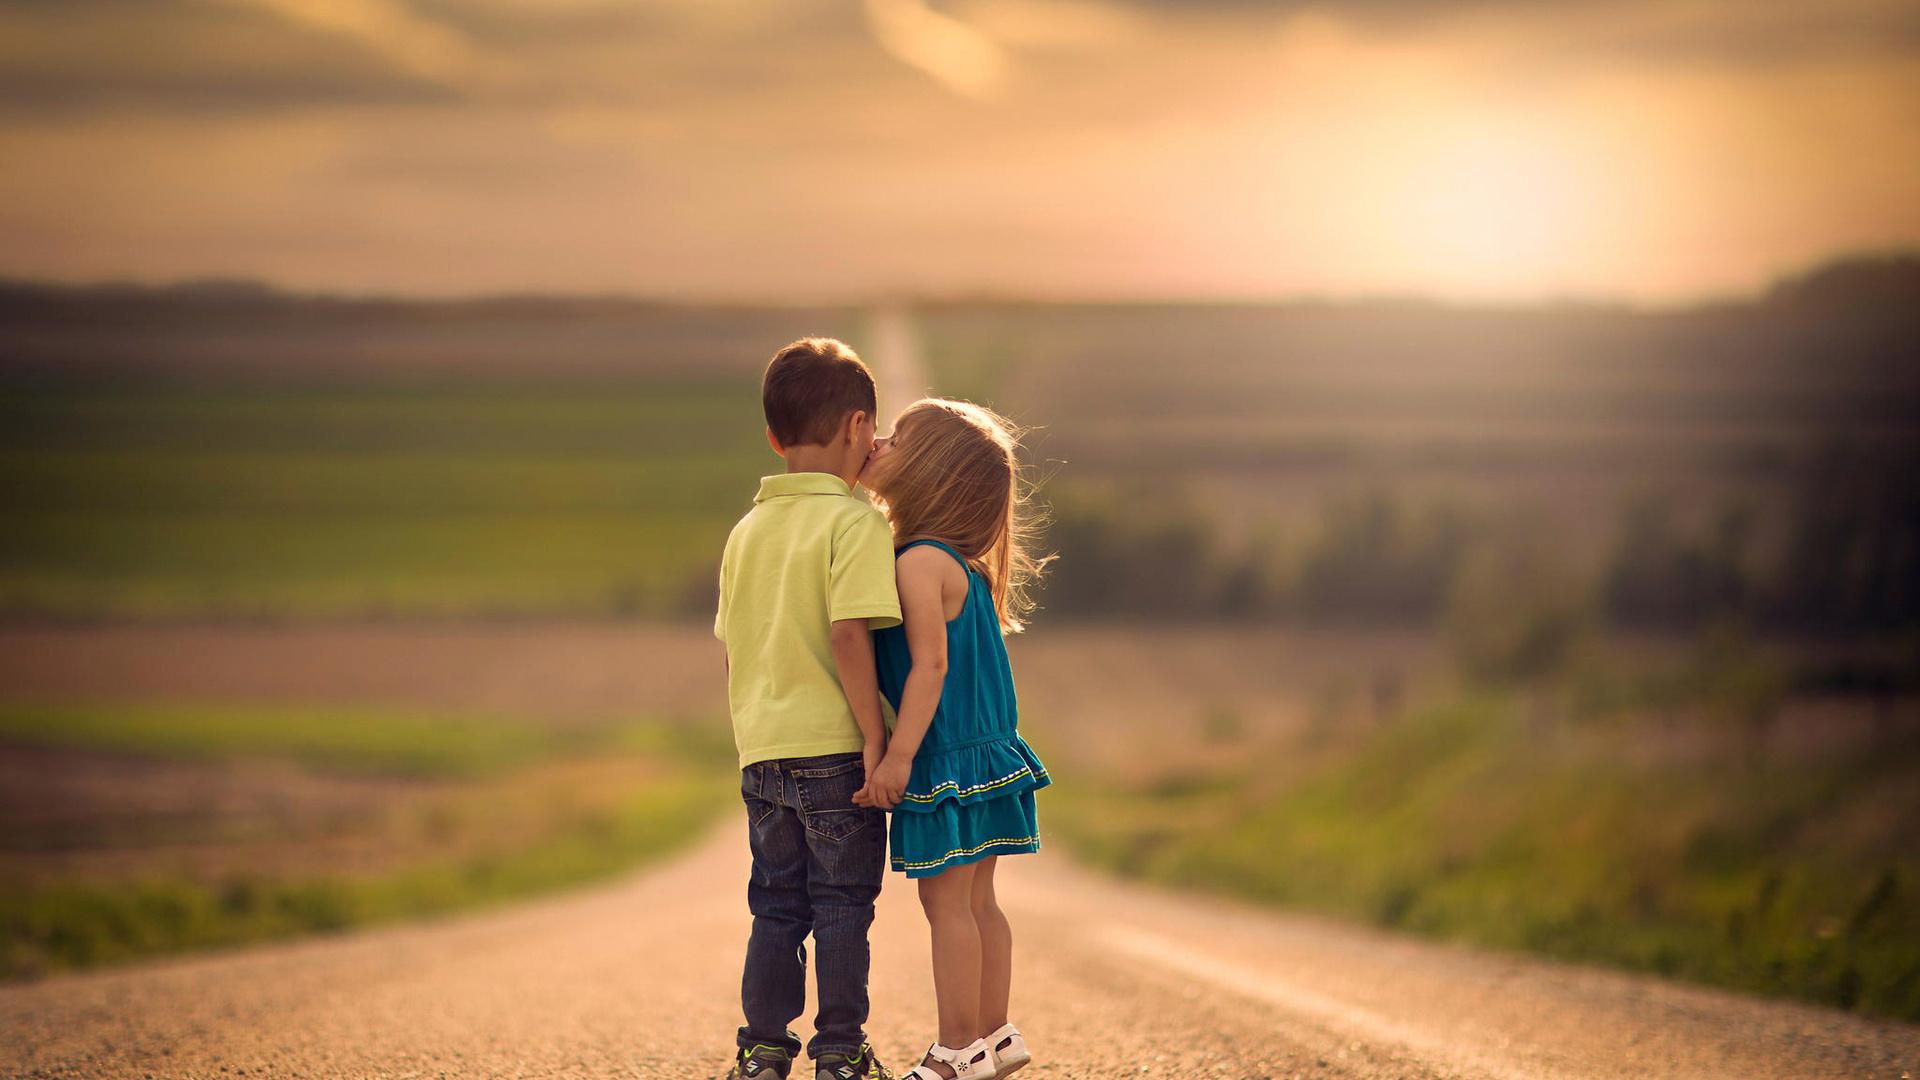 Картинки мальчик и девочка любовь с надписями со смыслом парню, картинки первые